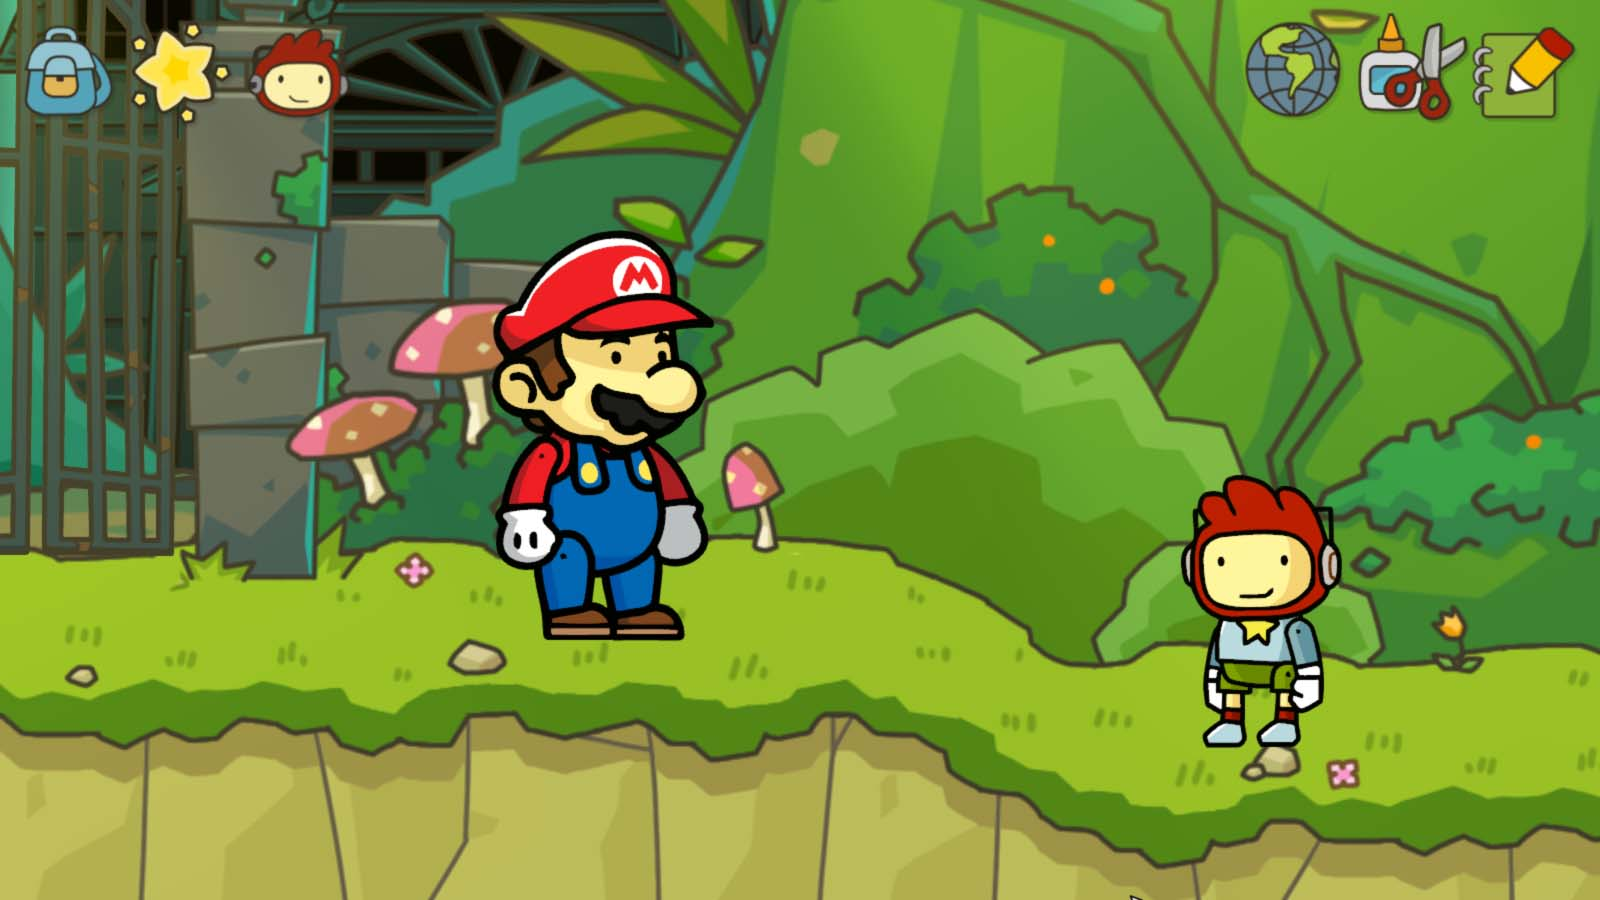 TMK | The Games | Wii U | Scribblenauts Unlimited